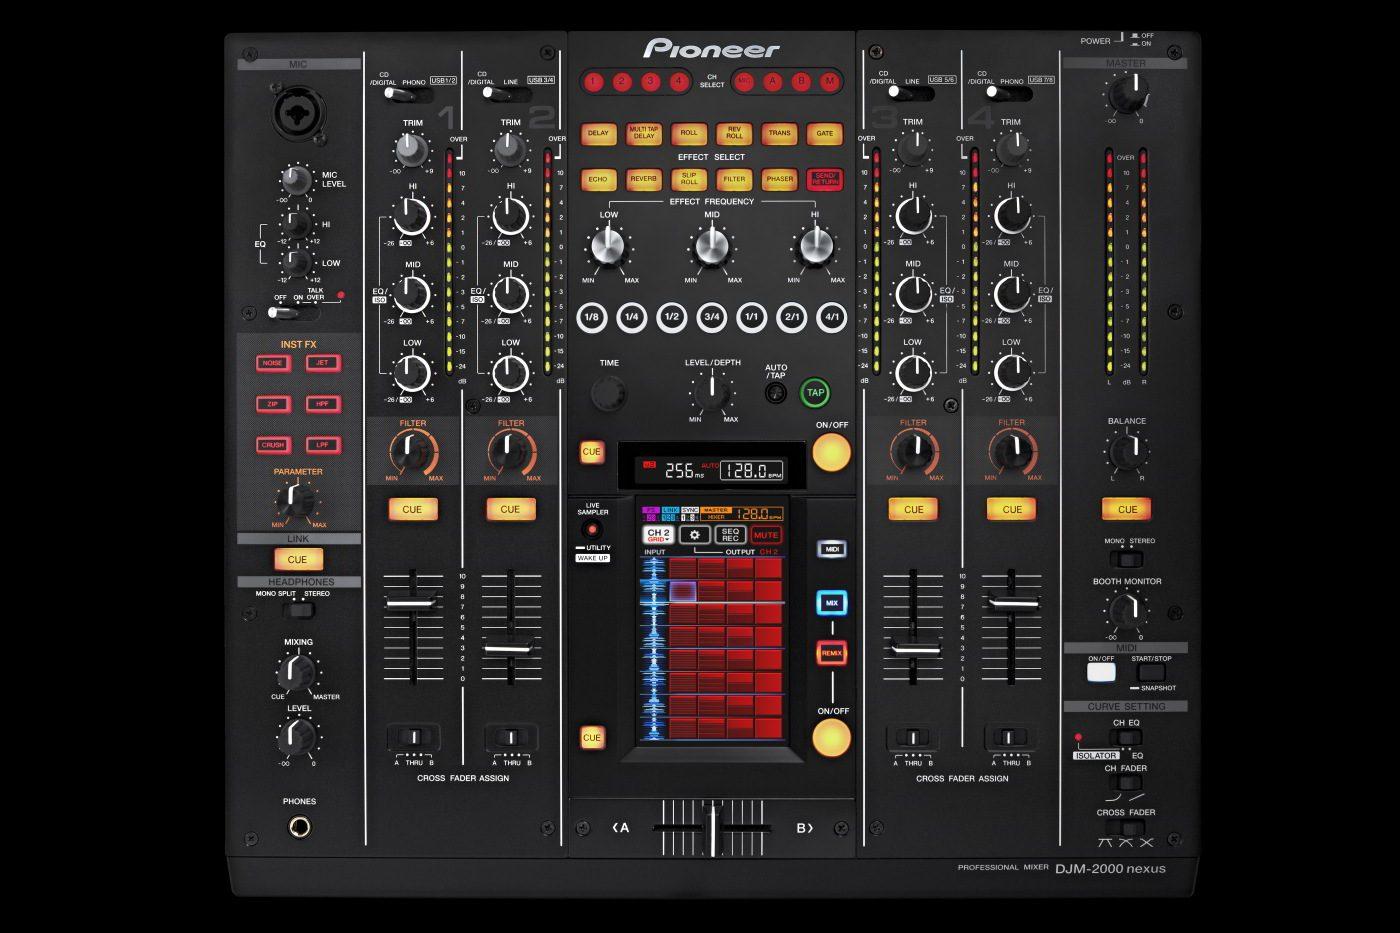 Neu: Pioneer DJM-2000 Nexus - Update eines SchlachtschiffesNew Pioneer DJM-2000 Nexus - Flagship Updated